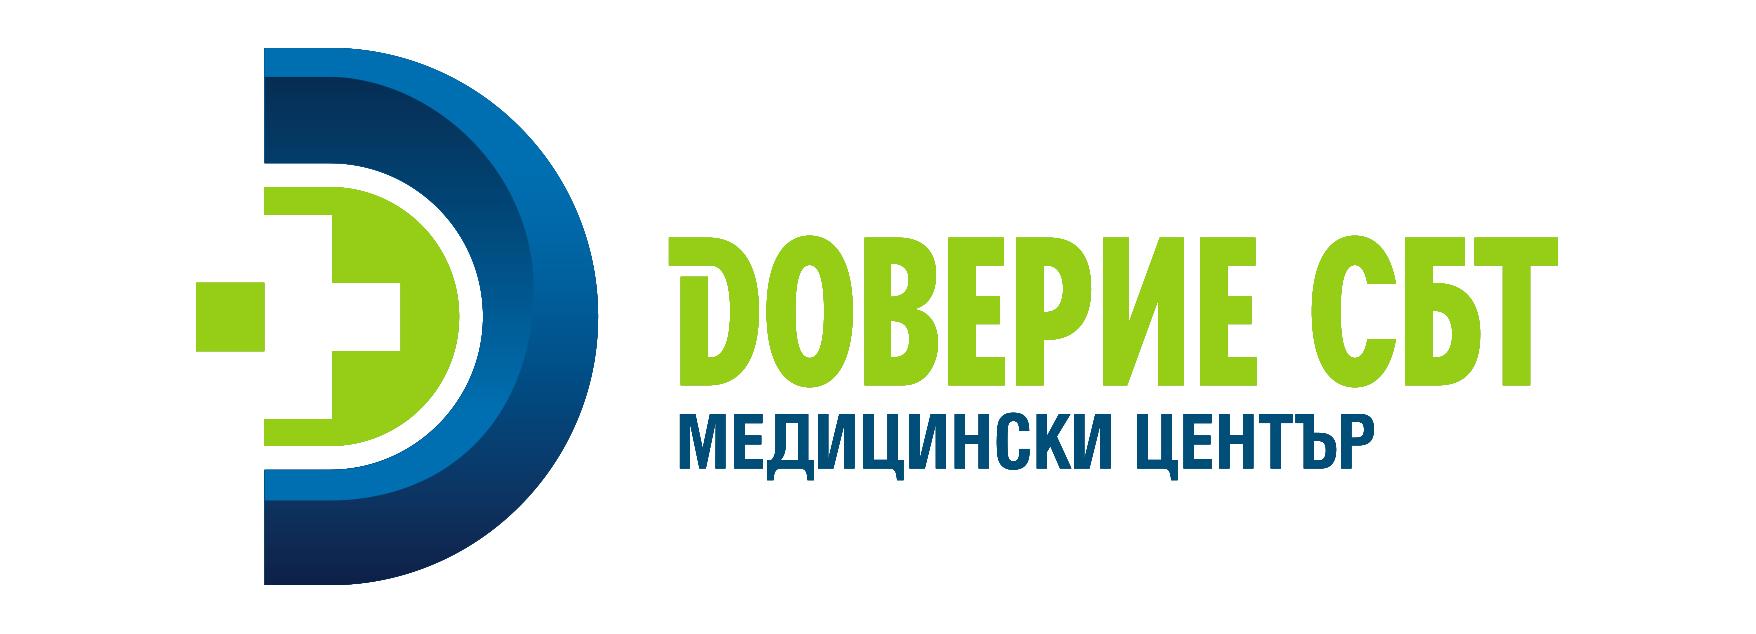 Графичен знак и логотип за медицински център Доверие СБТ.